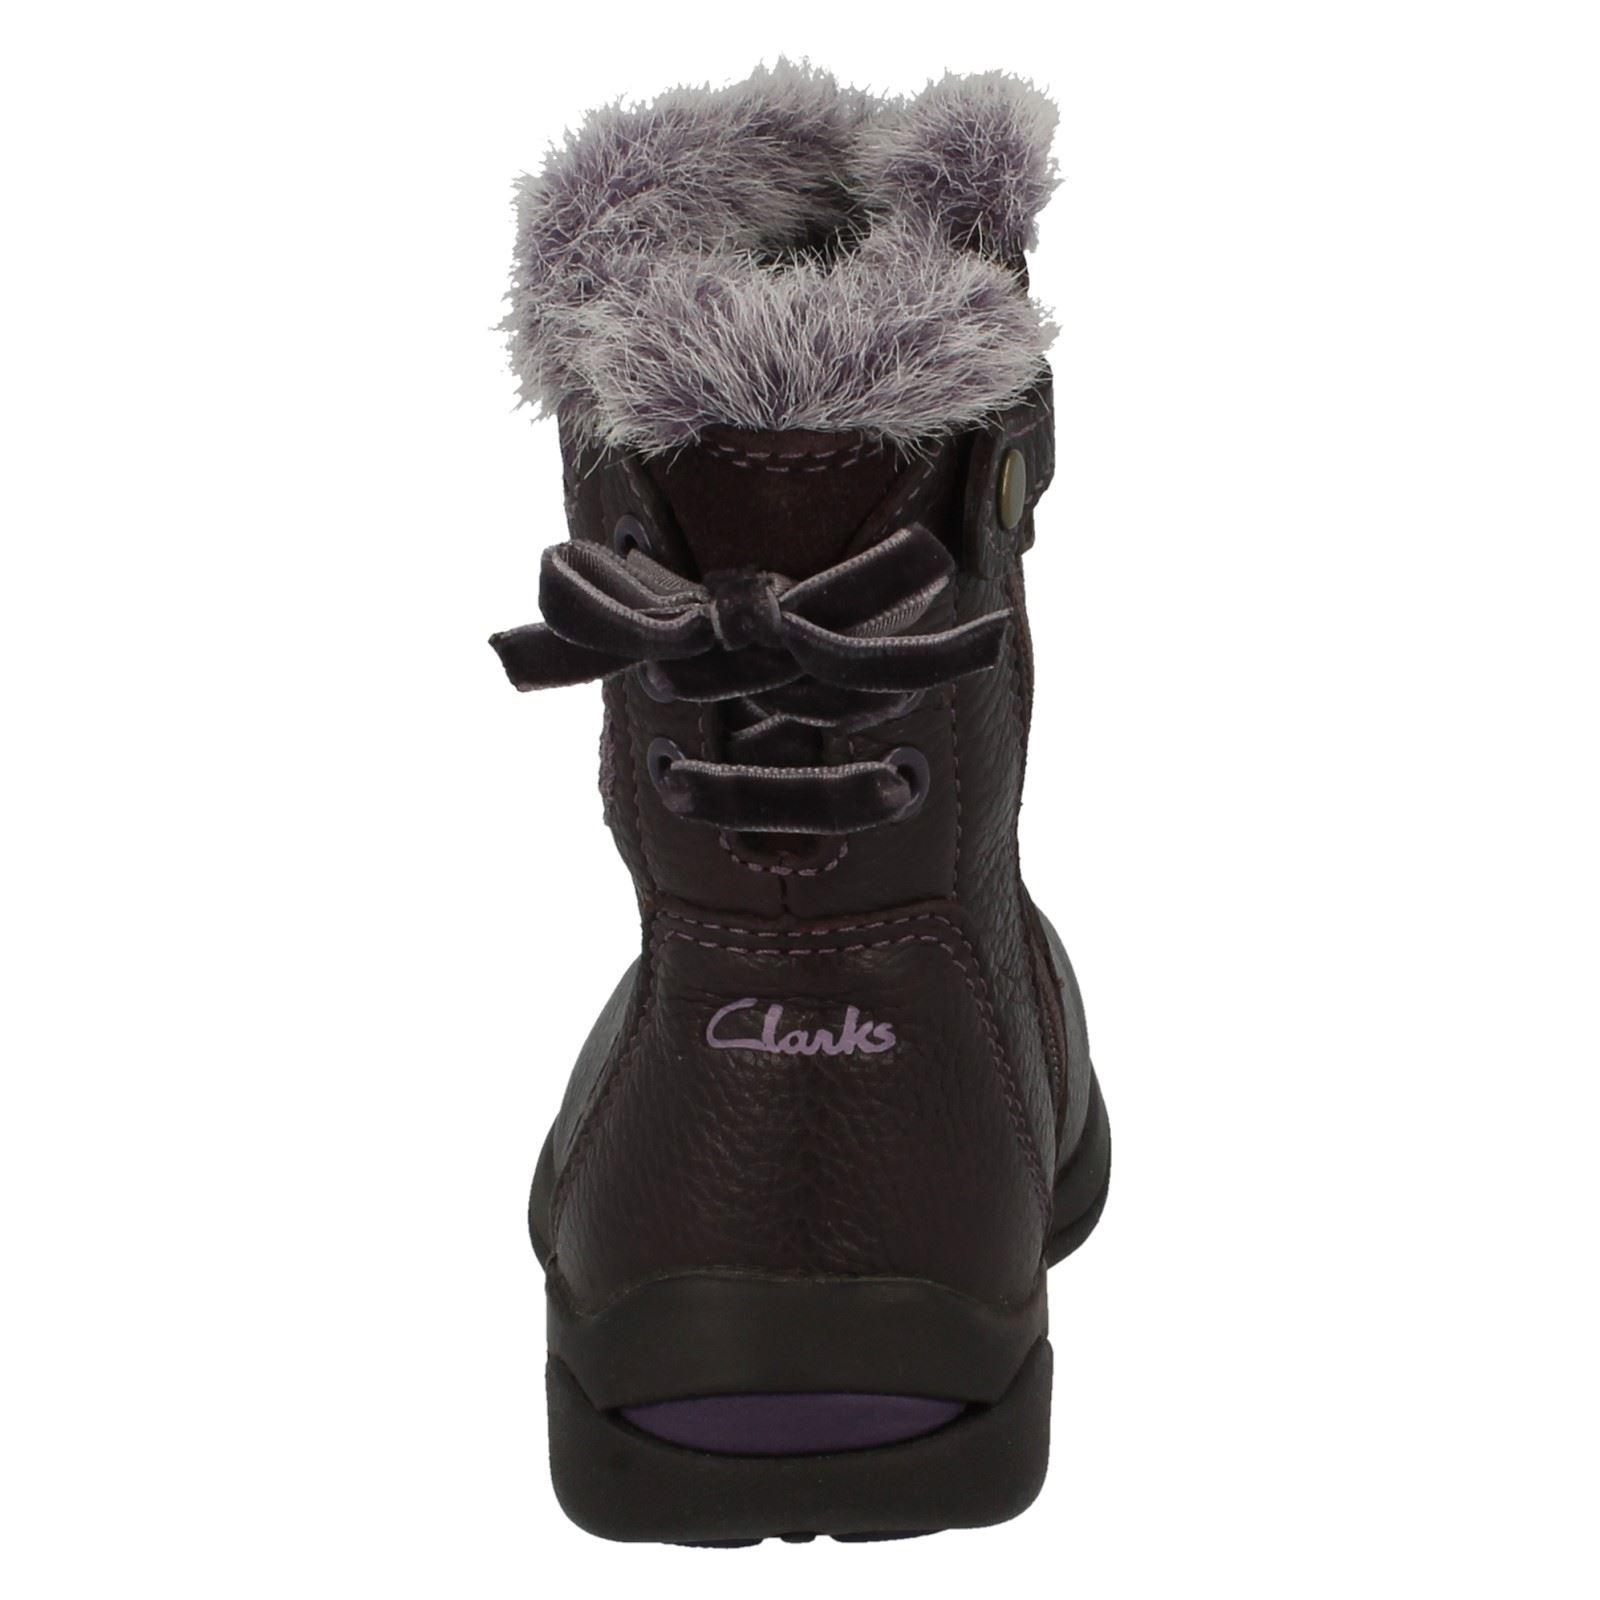 Clarks para chicas Ice púrpura Gtx Botas Ciruela casual Lace qtBn5v